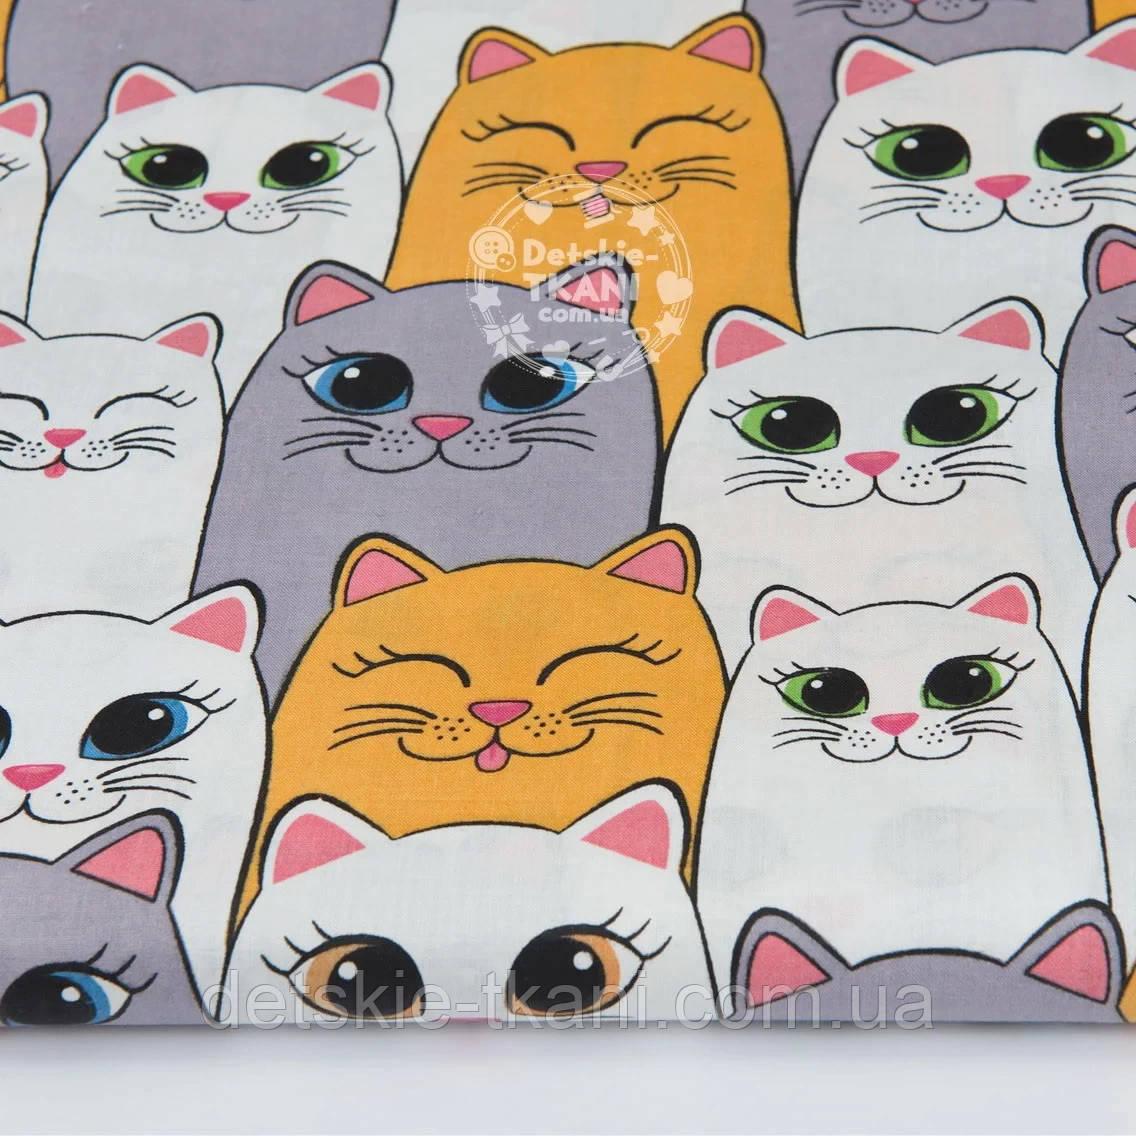 Ткань хлопковая с большими котами серо-оранжевыми, № 1012